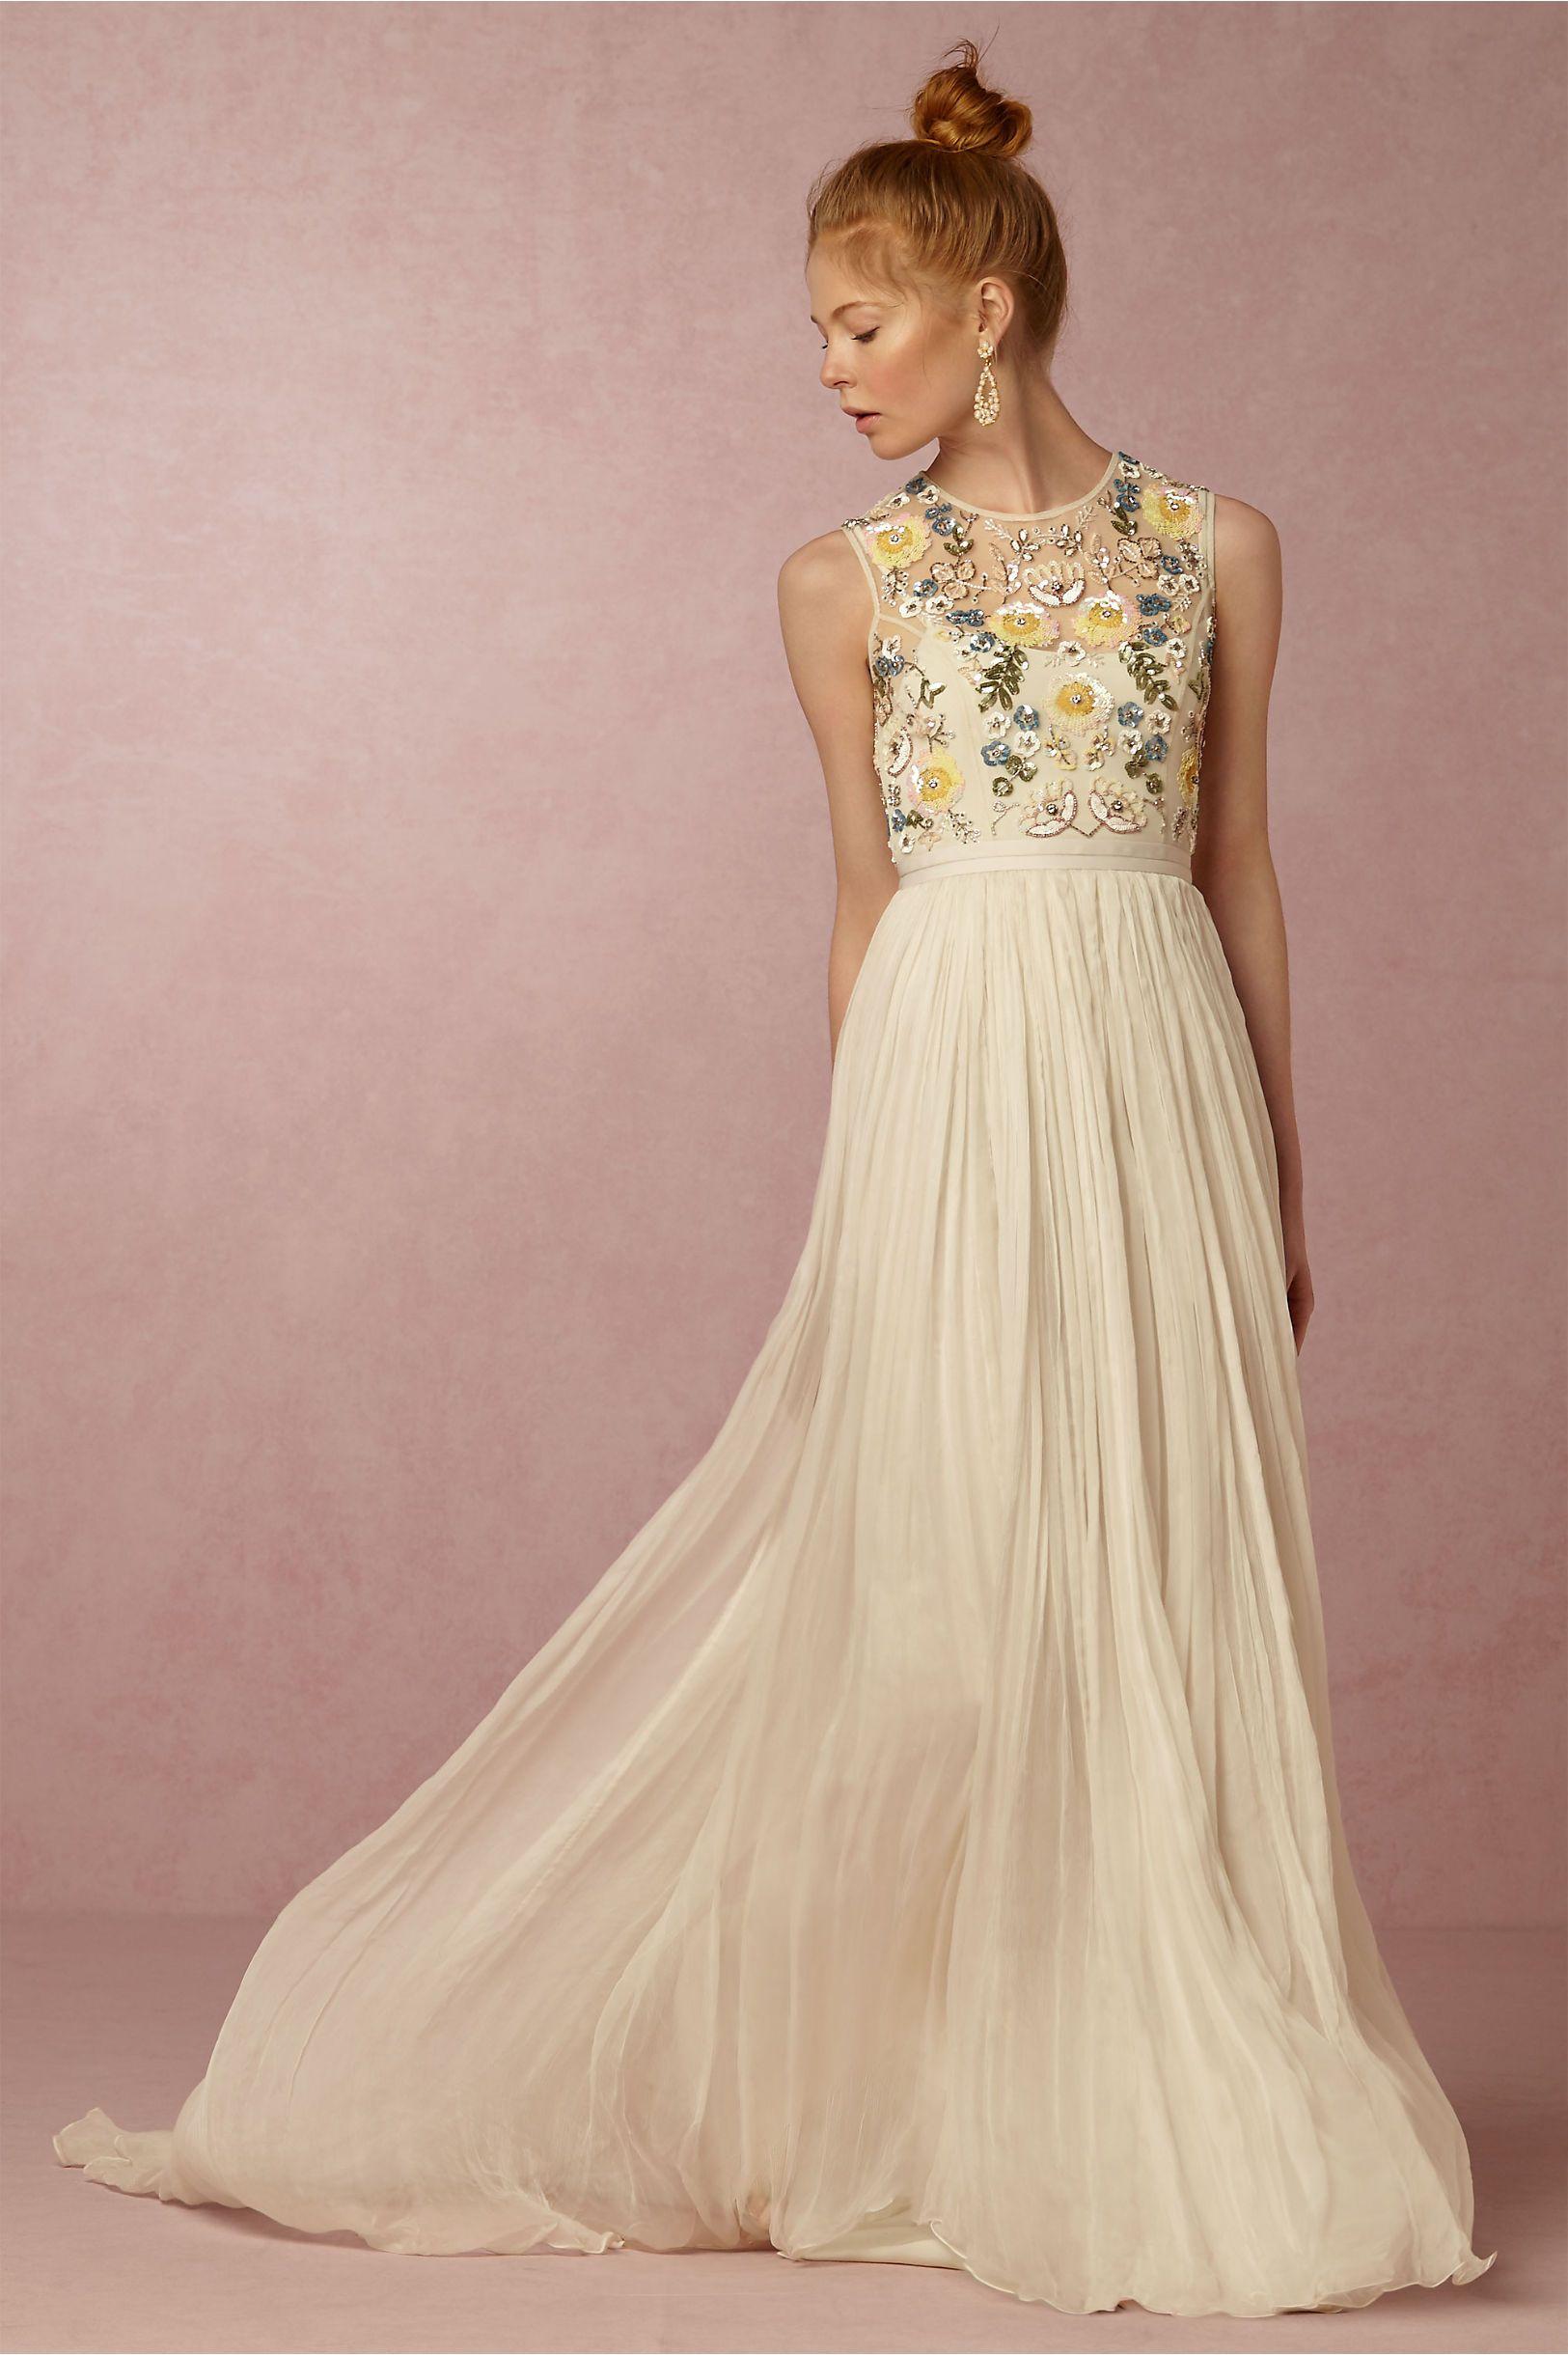 BHLDN Paulette Dress in Bride Reception Dresses at BHLDN | Dresses ...